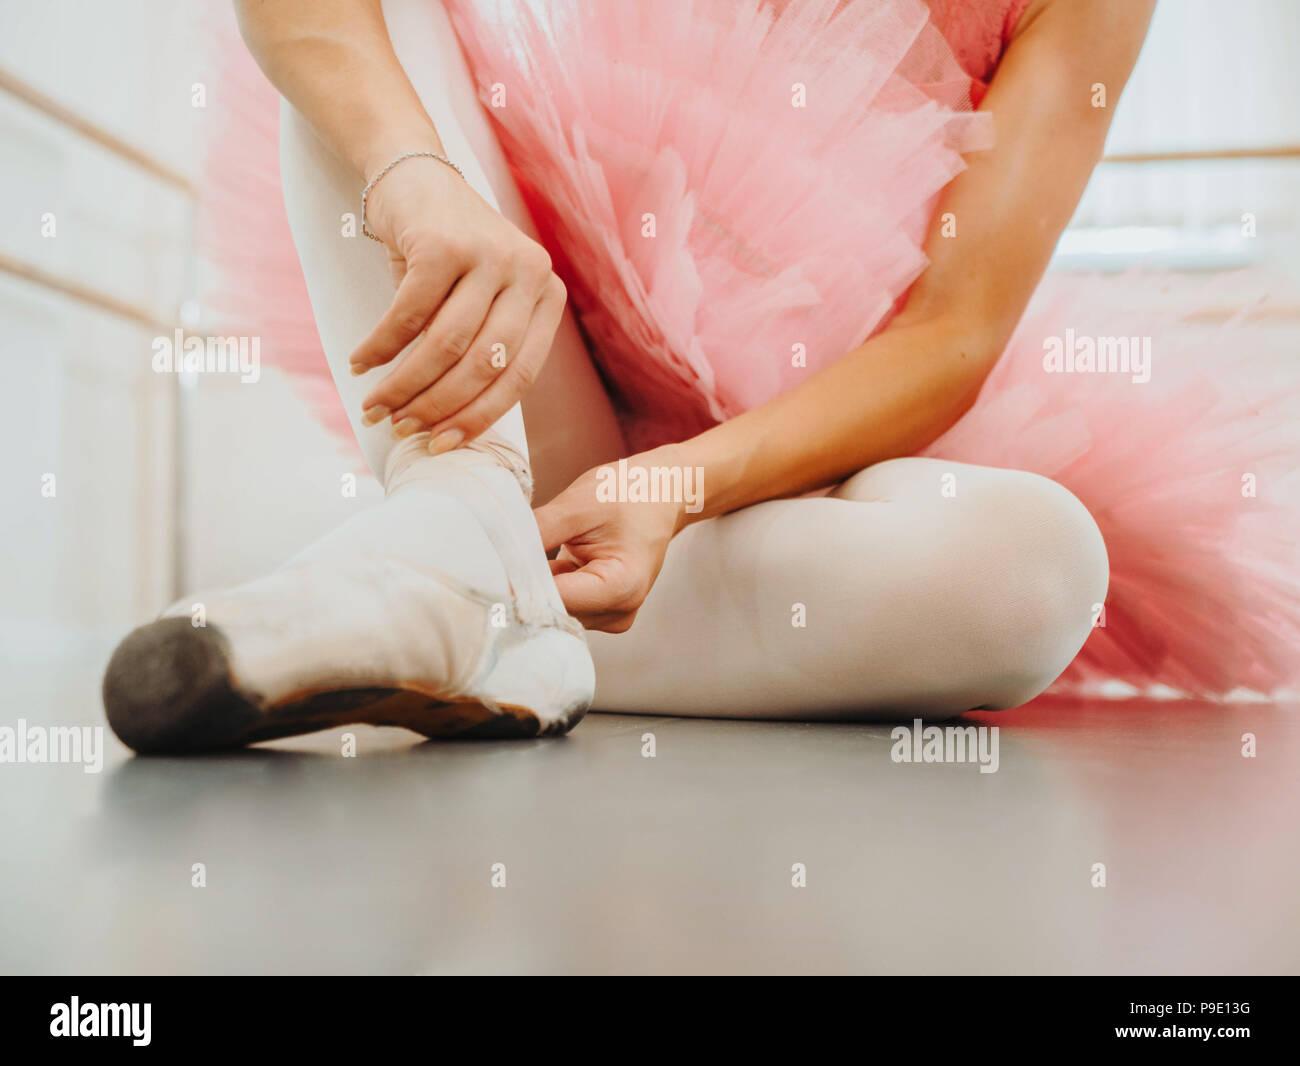 Jeune ballerine en tutu rose costume blanc enveloppements de rubans de soie soft top chaussures de ballet pointe et les lie. Femme préparant pour la danse Cours de formation dans une salle de sport. Photo Stock